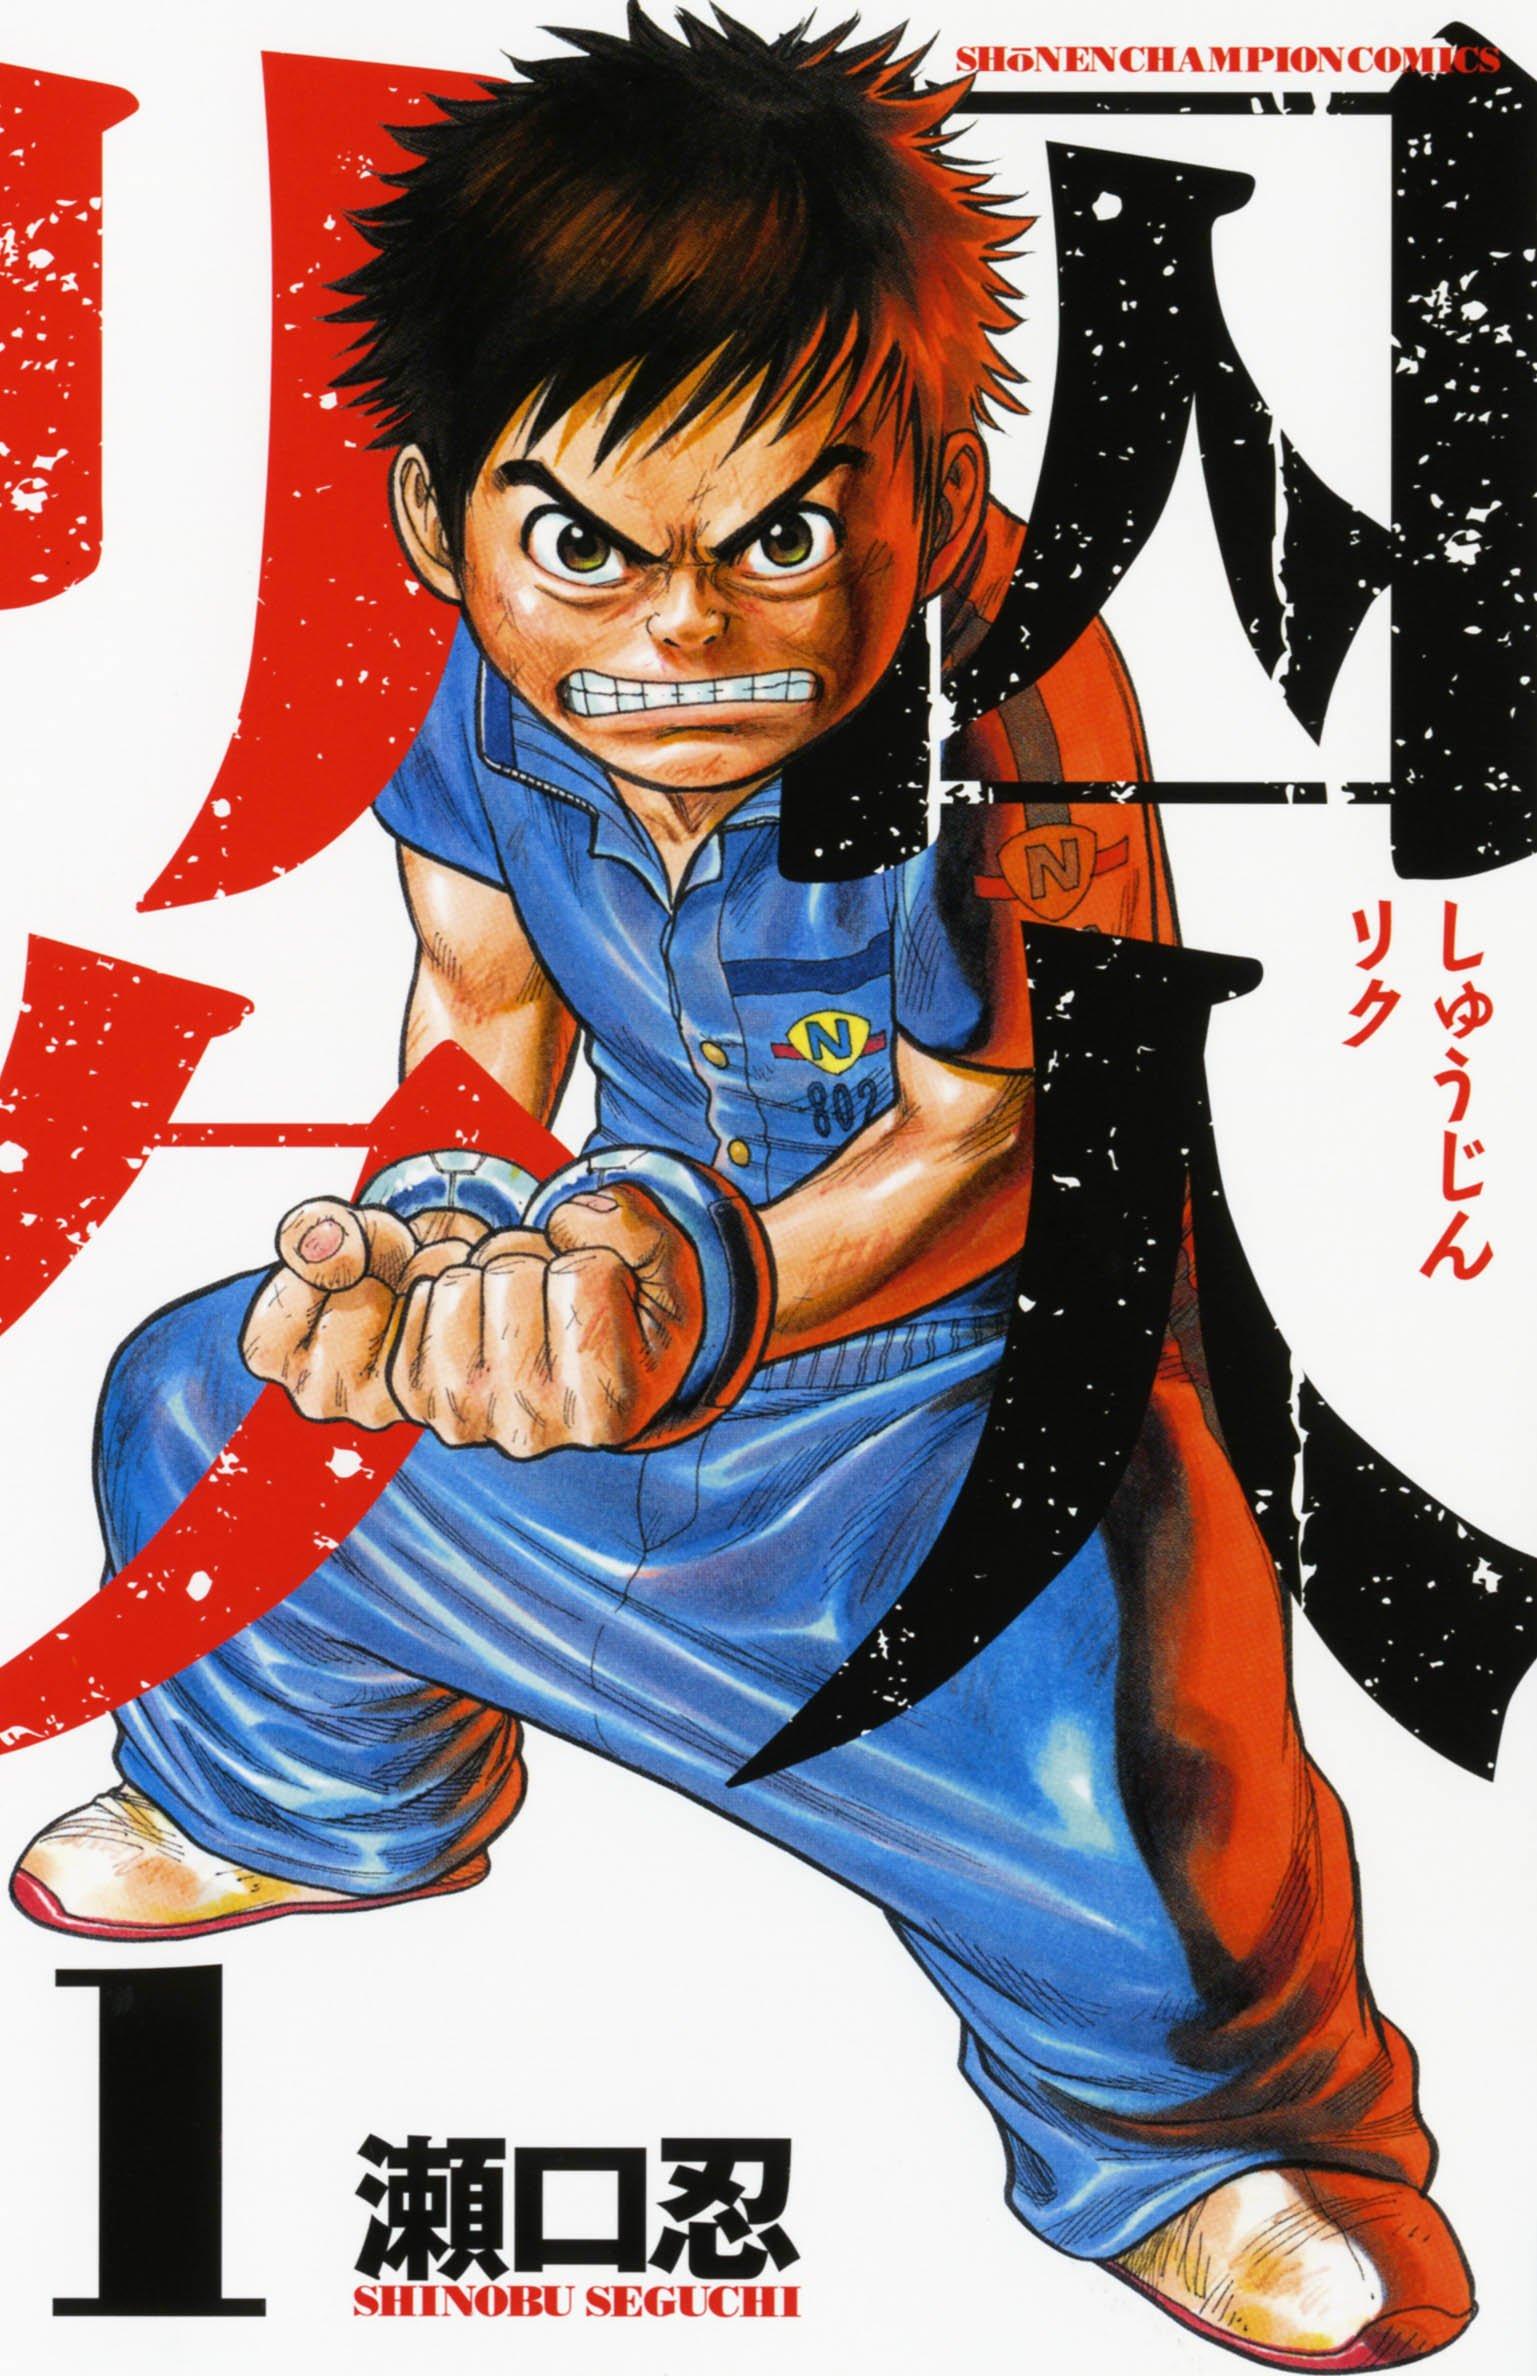 囚人リク 1 (少年チャンピオン・コミックス) | 瀬口 忍 |本 | 通販 | Amazon